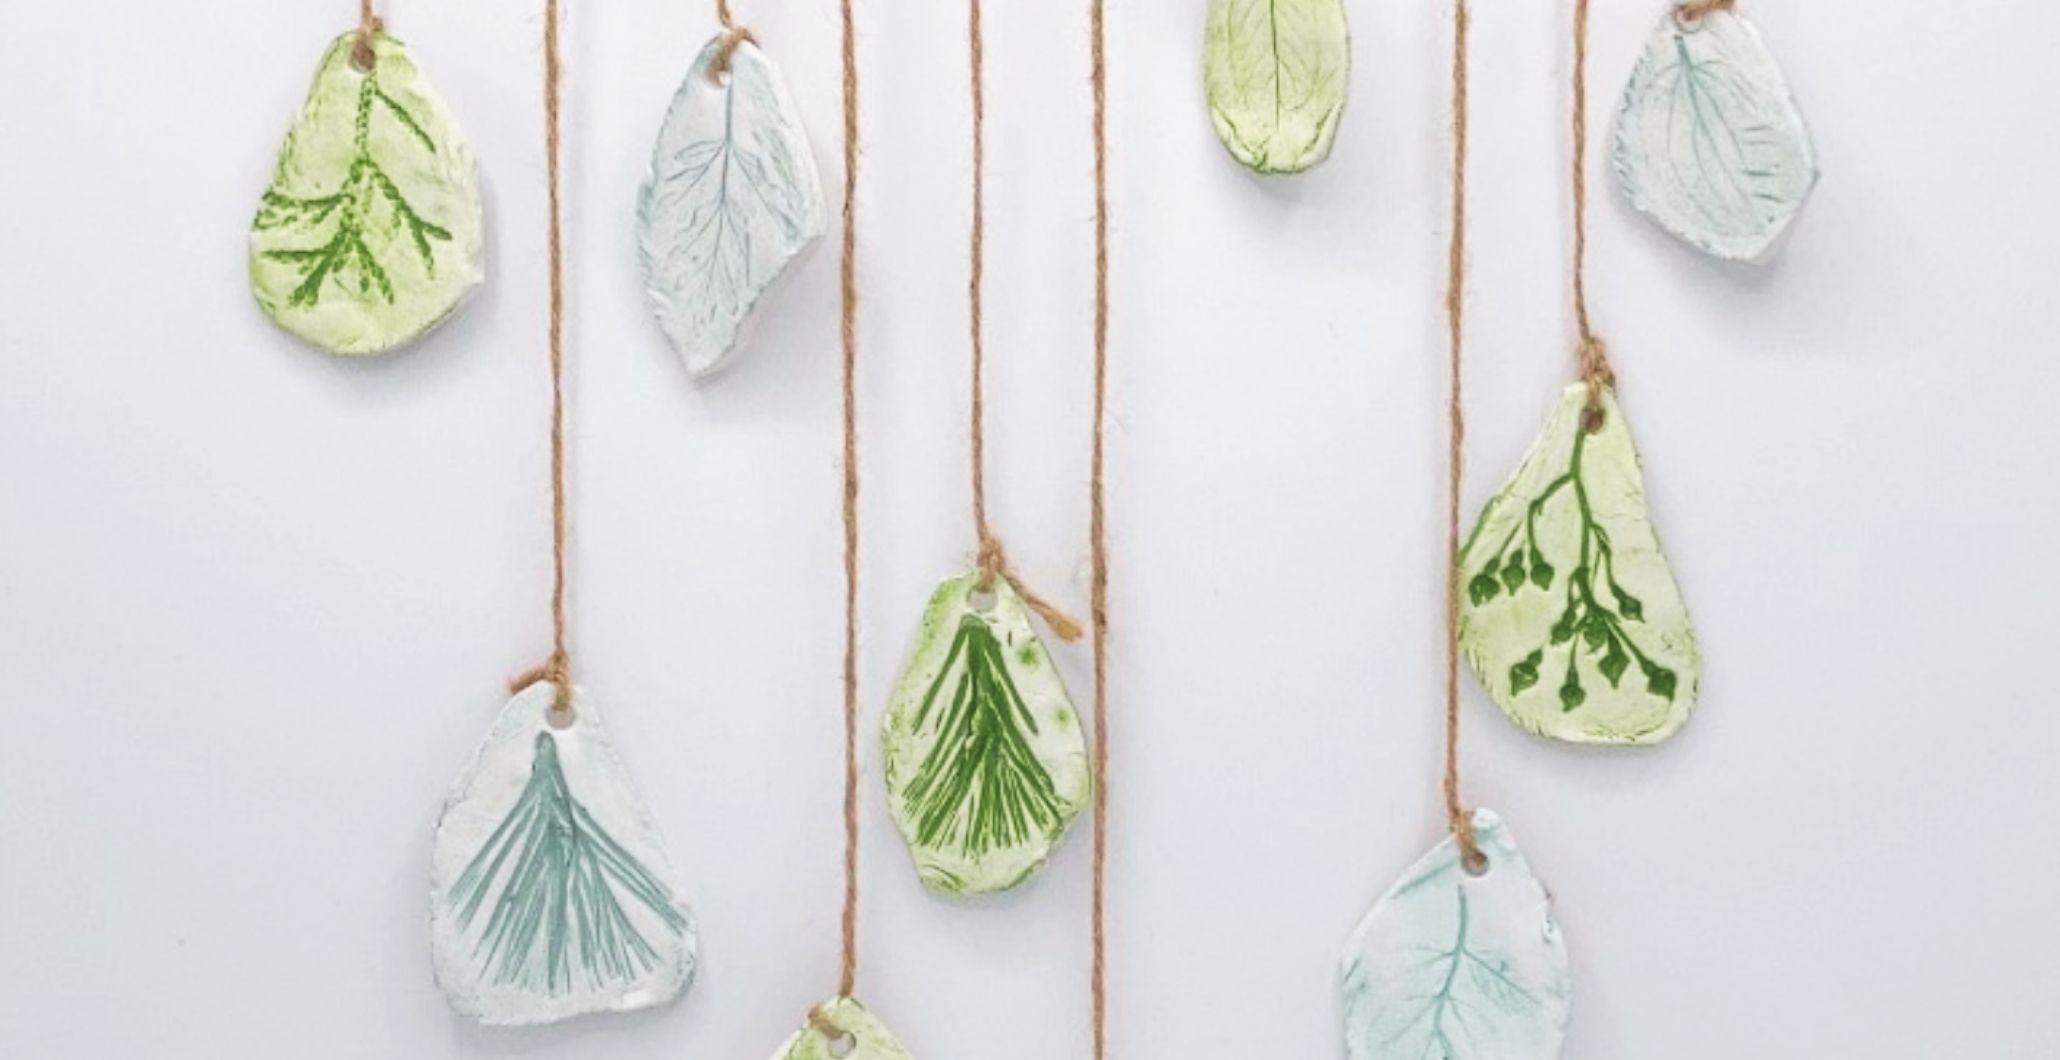 Take & Make Kit: Botanical Clay Mobile